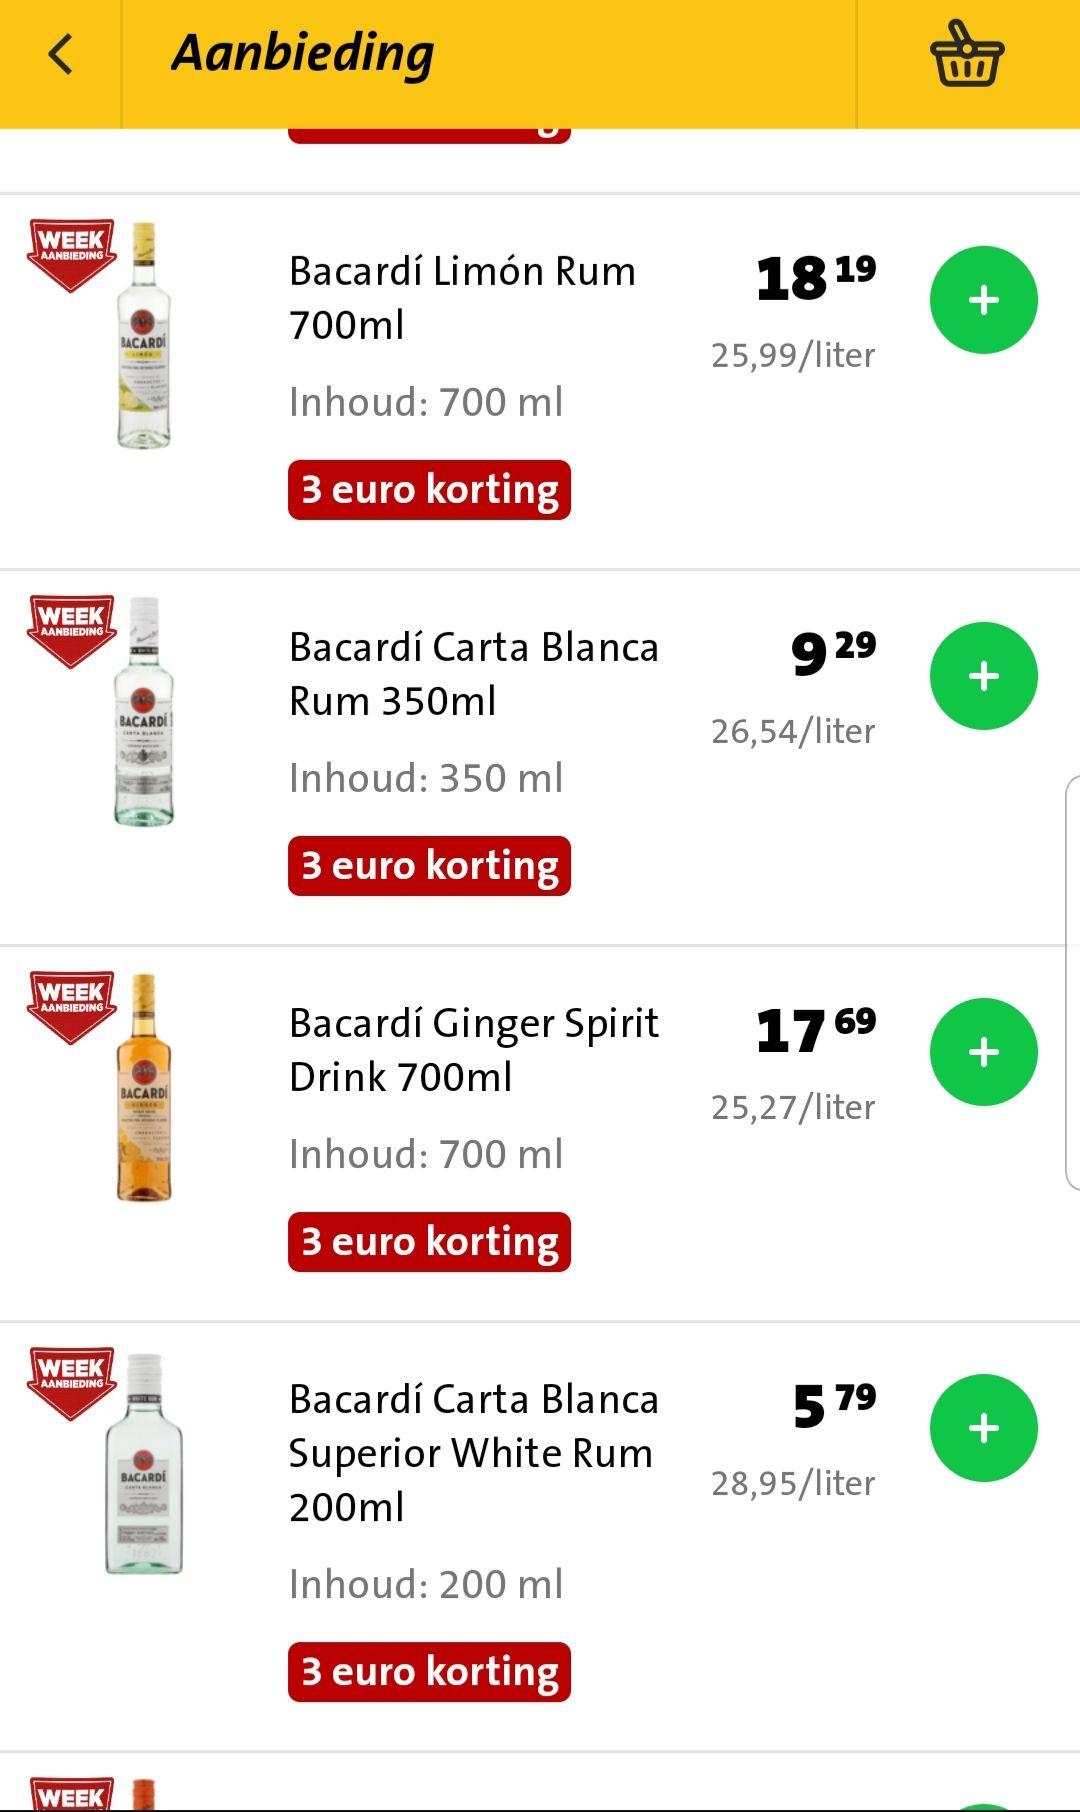 Bacardi 3 euro korting, ook op kleine flesjes